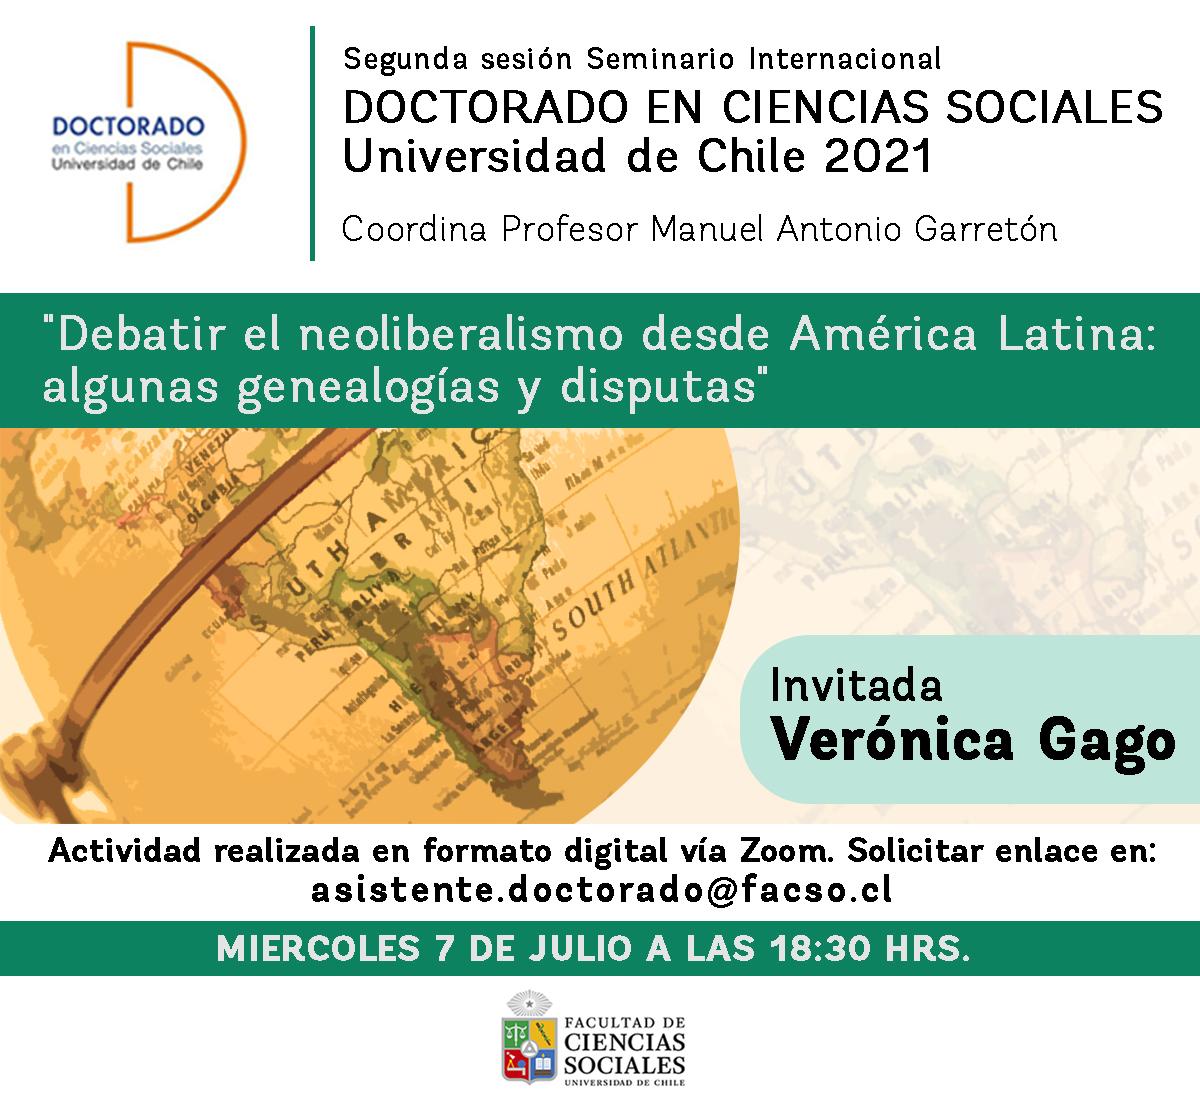 Segunda sesión del seminario Internacional del Doctorado en Ciencias Sociales 2021